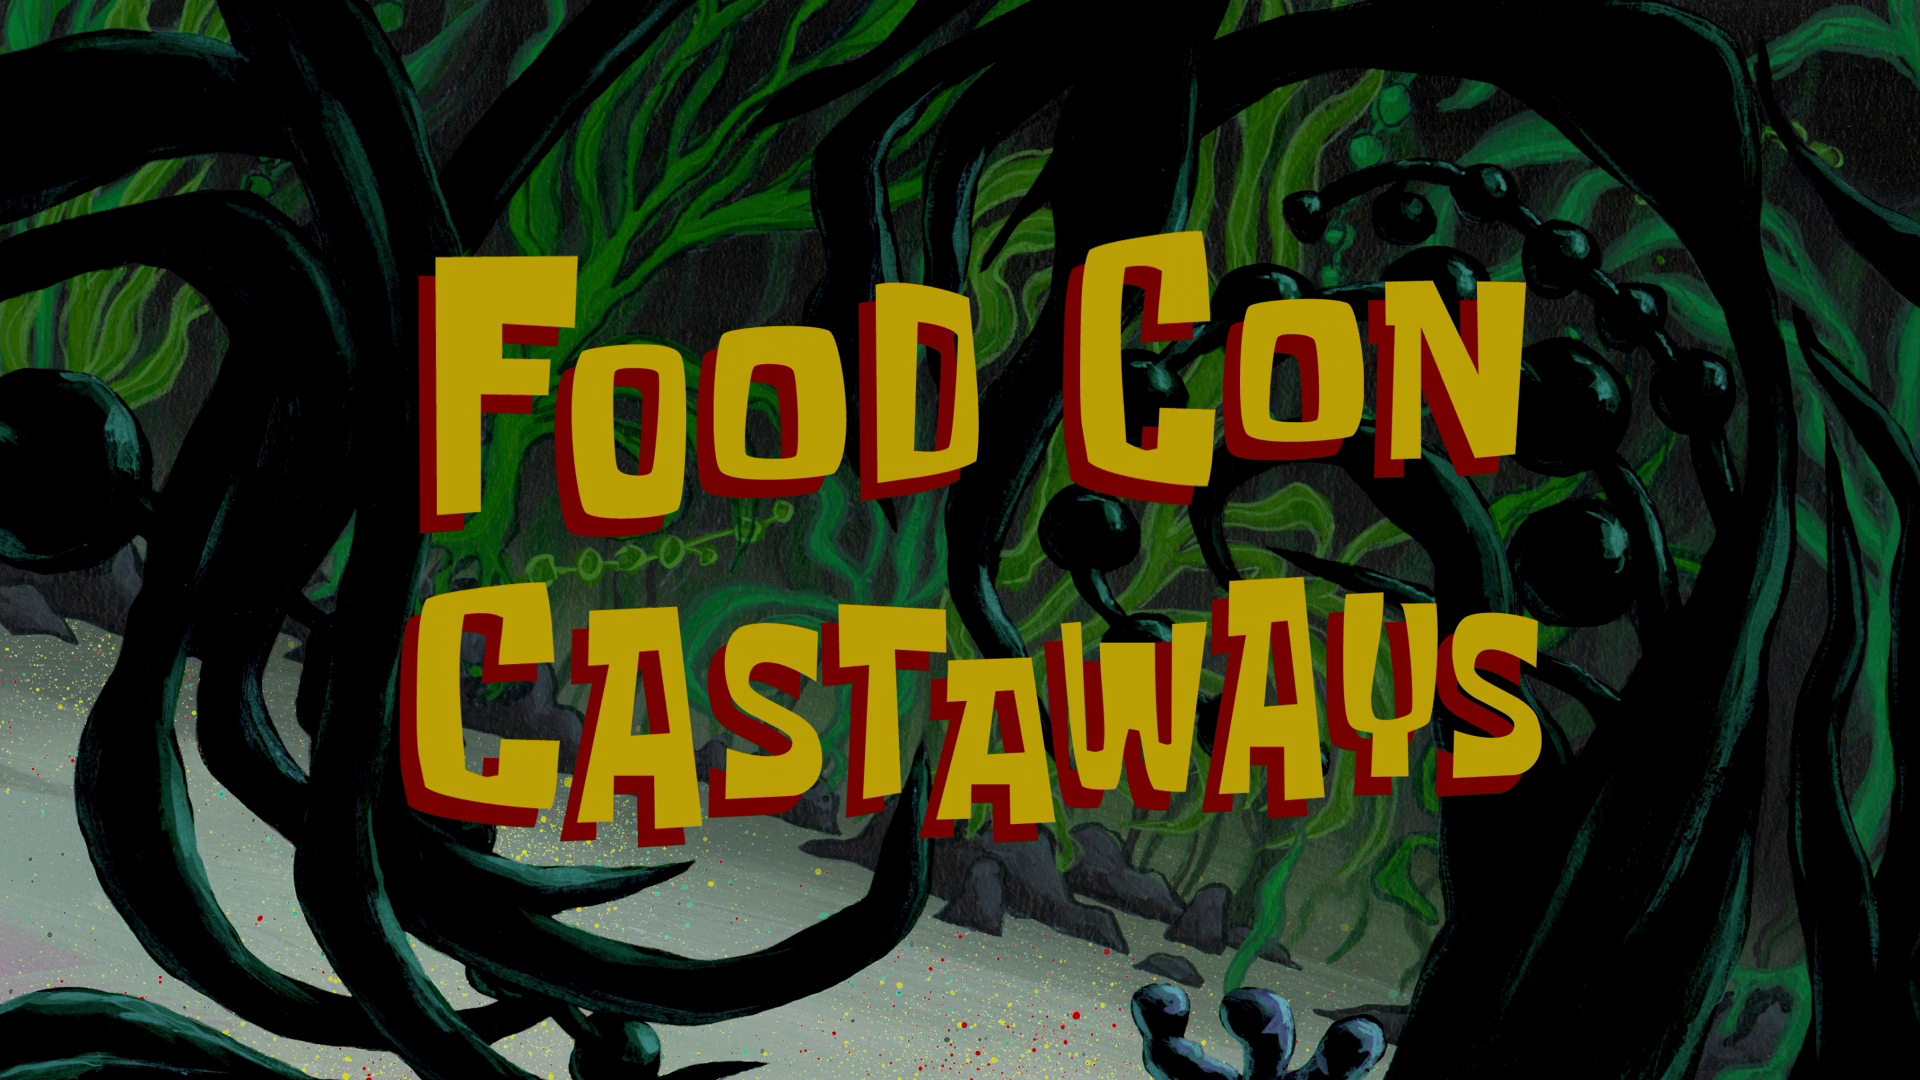 Náufragos de la Convención de Comida